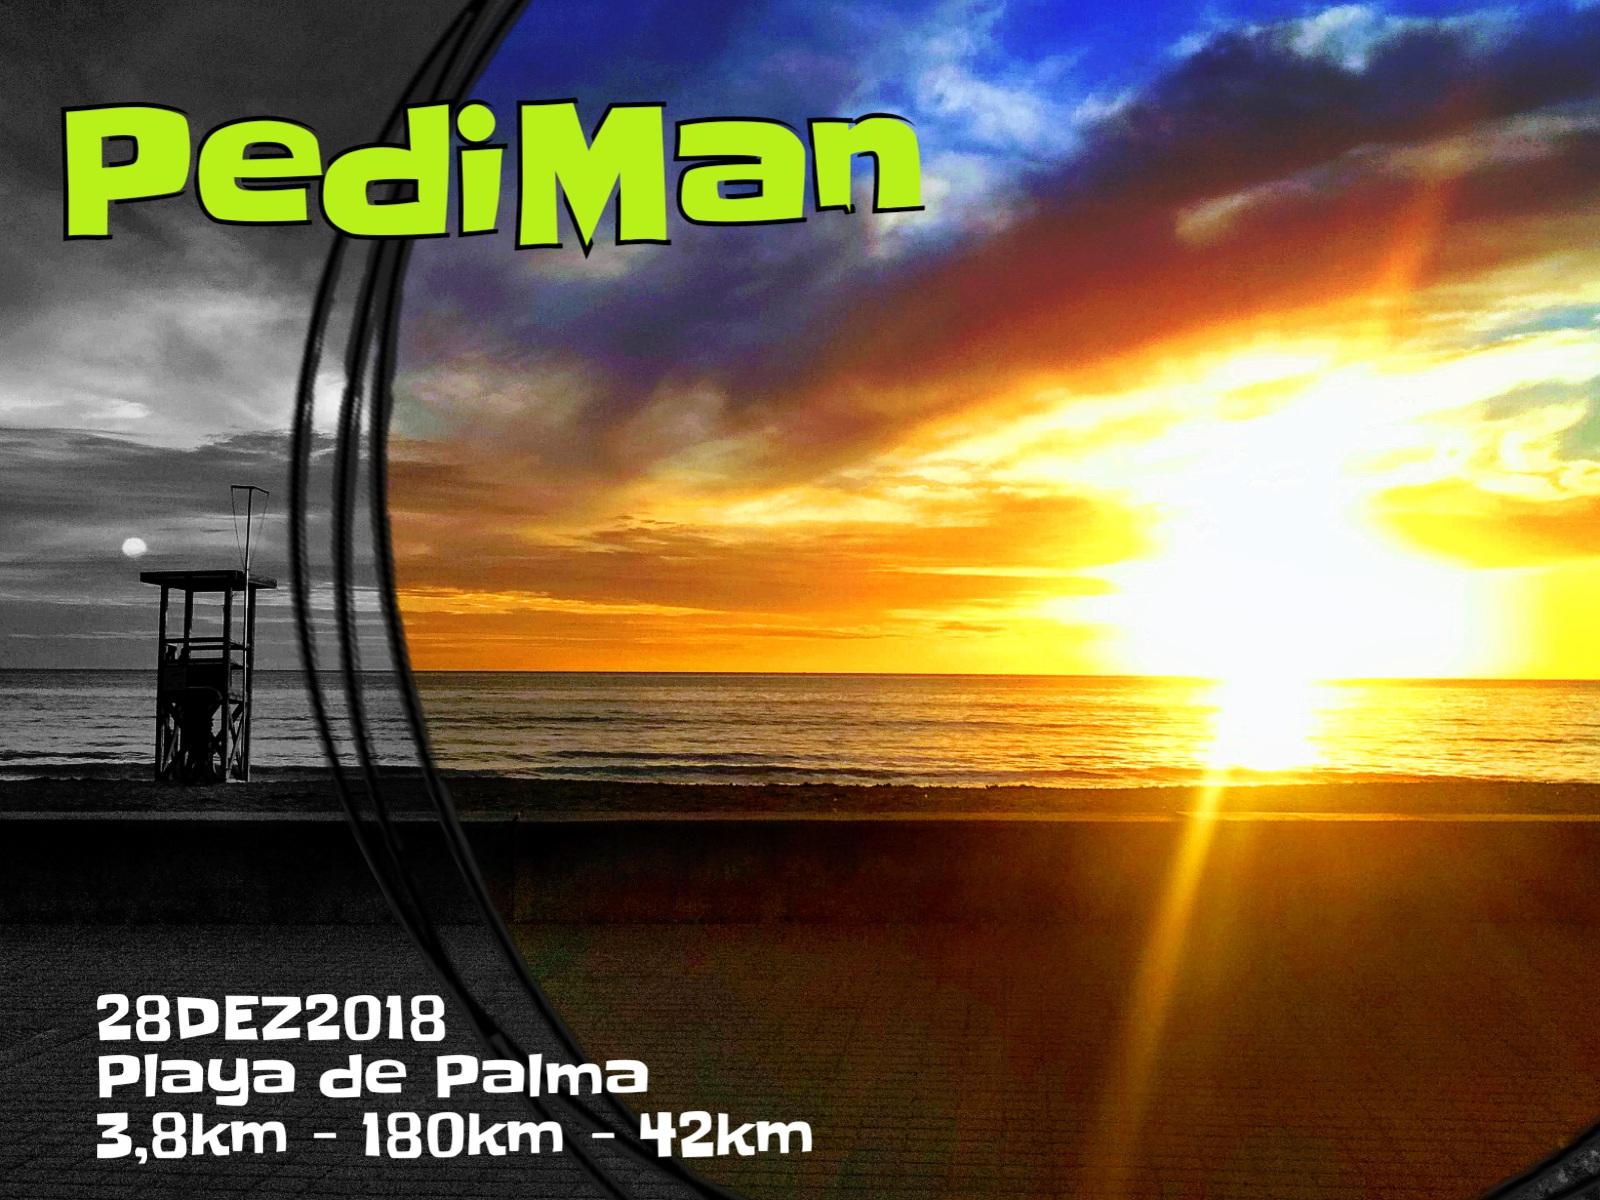 Pediman 2018: Ich lös den Fall auf jeden Fall